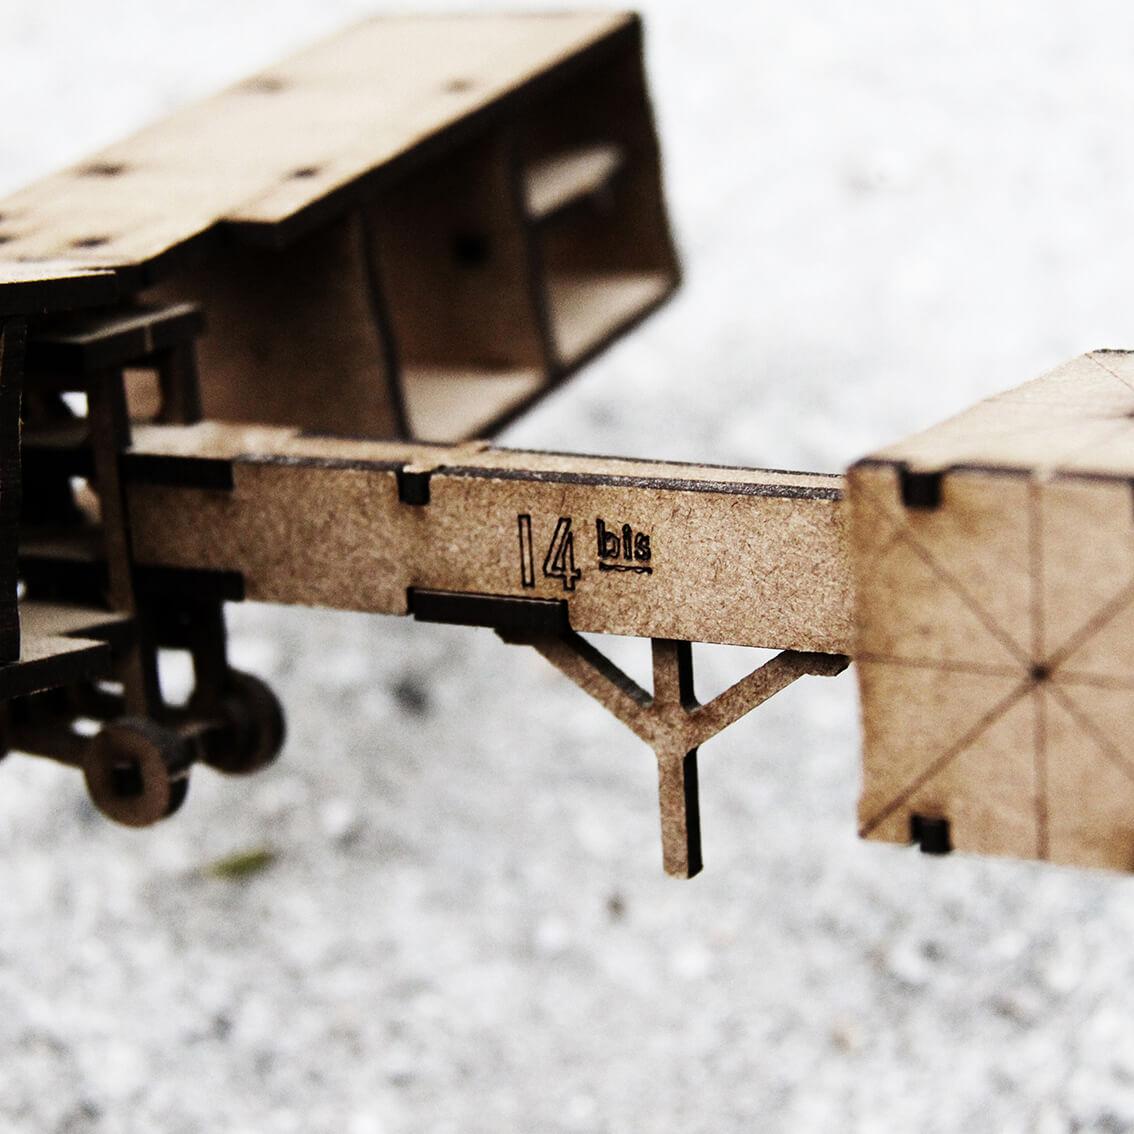 Miniatura 14 bis (Cutz)